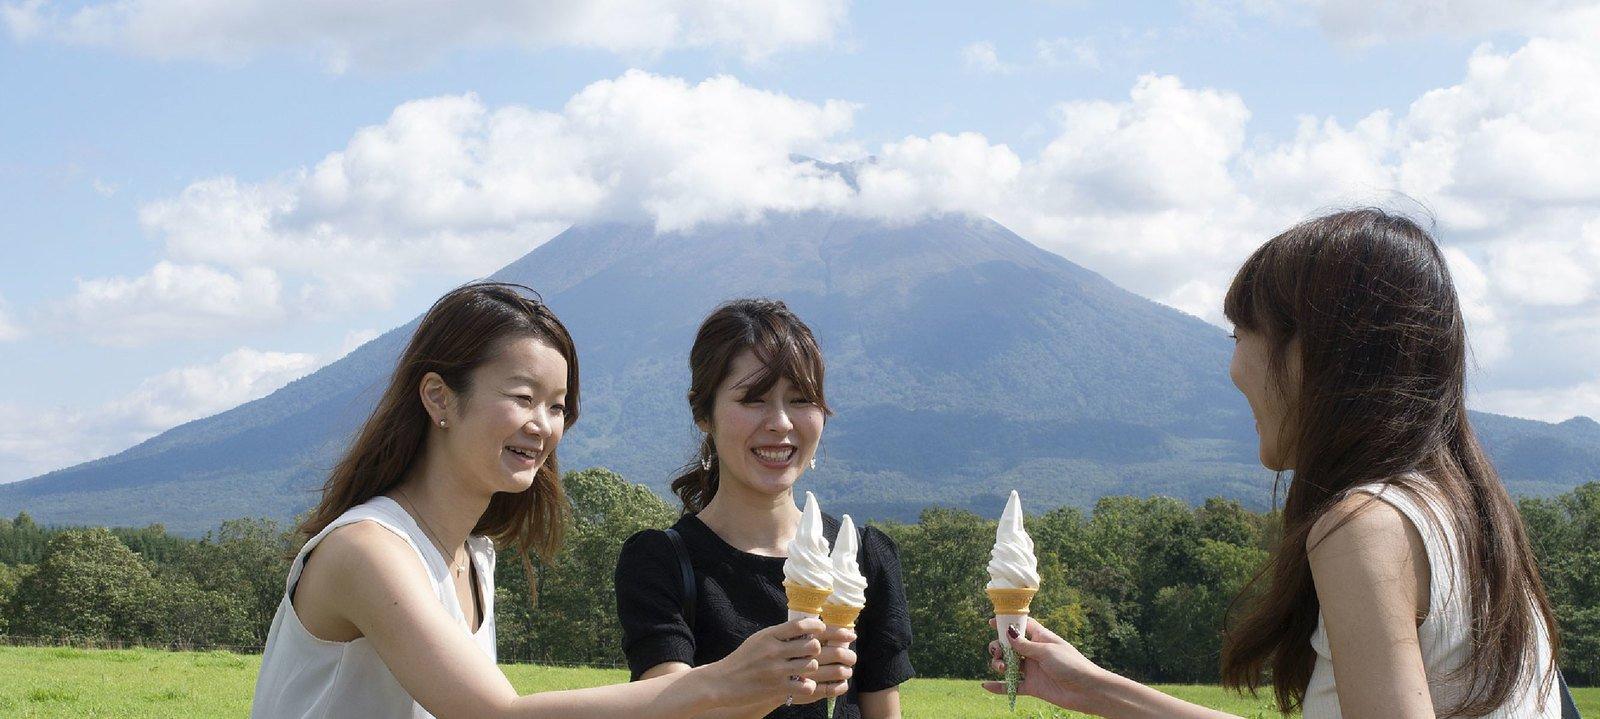 即日起訂購新雪谷(二世谷)夏季短期住宿享有免费變更及取消